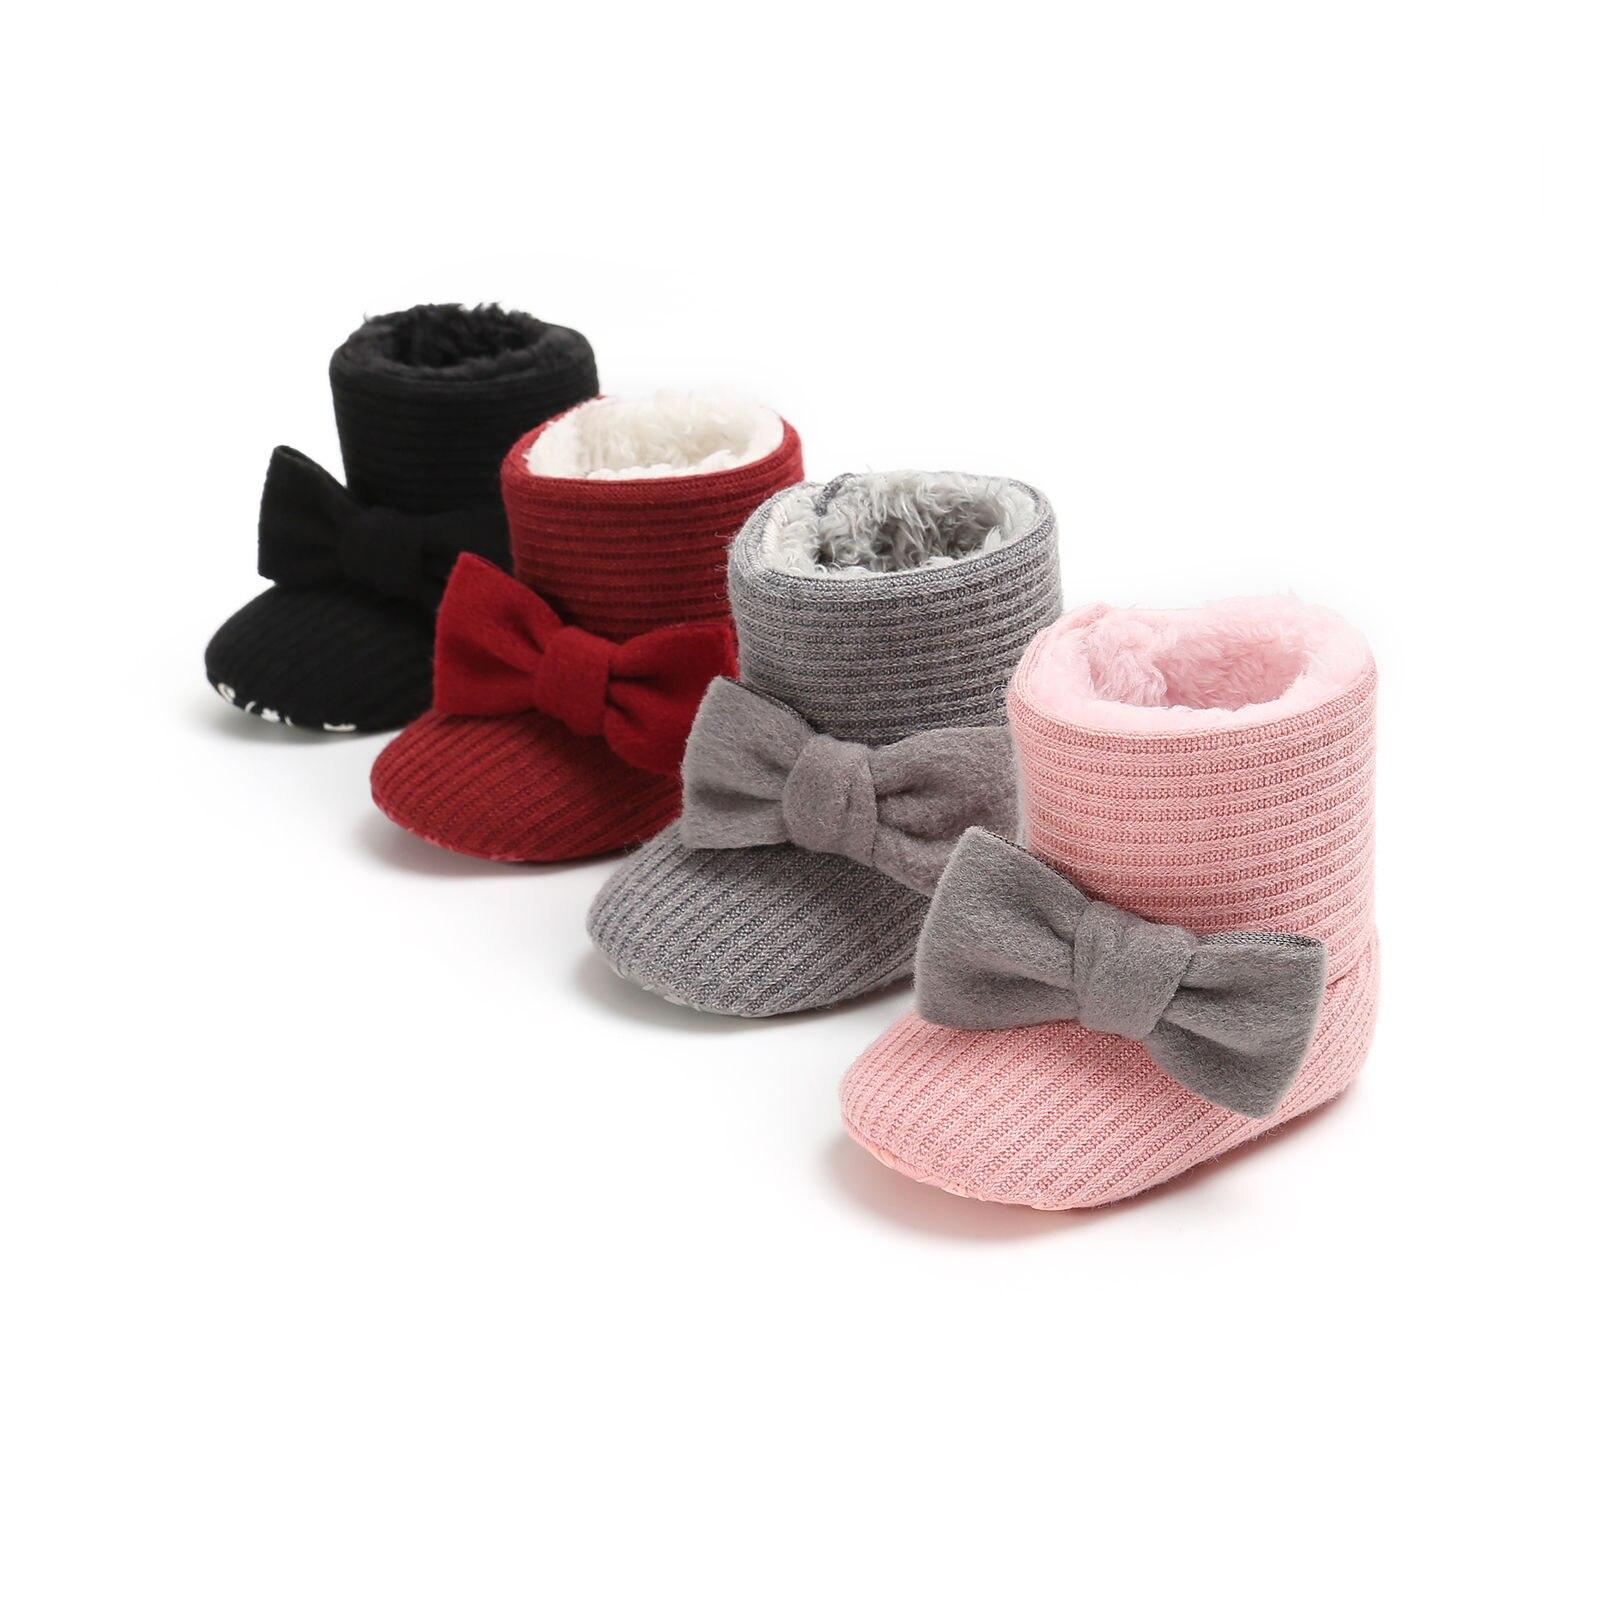 Stiefel Energisch Marke Neueste Abendessen Warme Baby Stiefel Winter Baby Infant Baumwolle Stiefel Schuhe Babys Wanderschuhe Dicken Winter Warme Weiche Bogen Stiefel Schrumpffrei